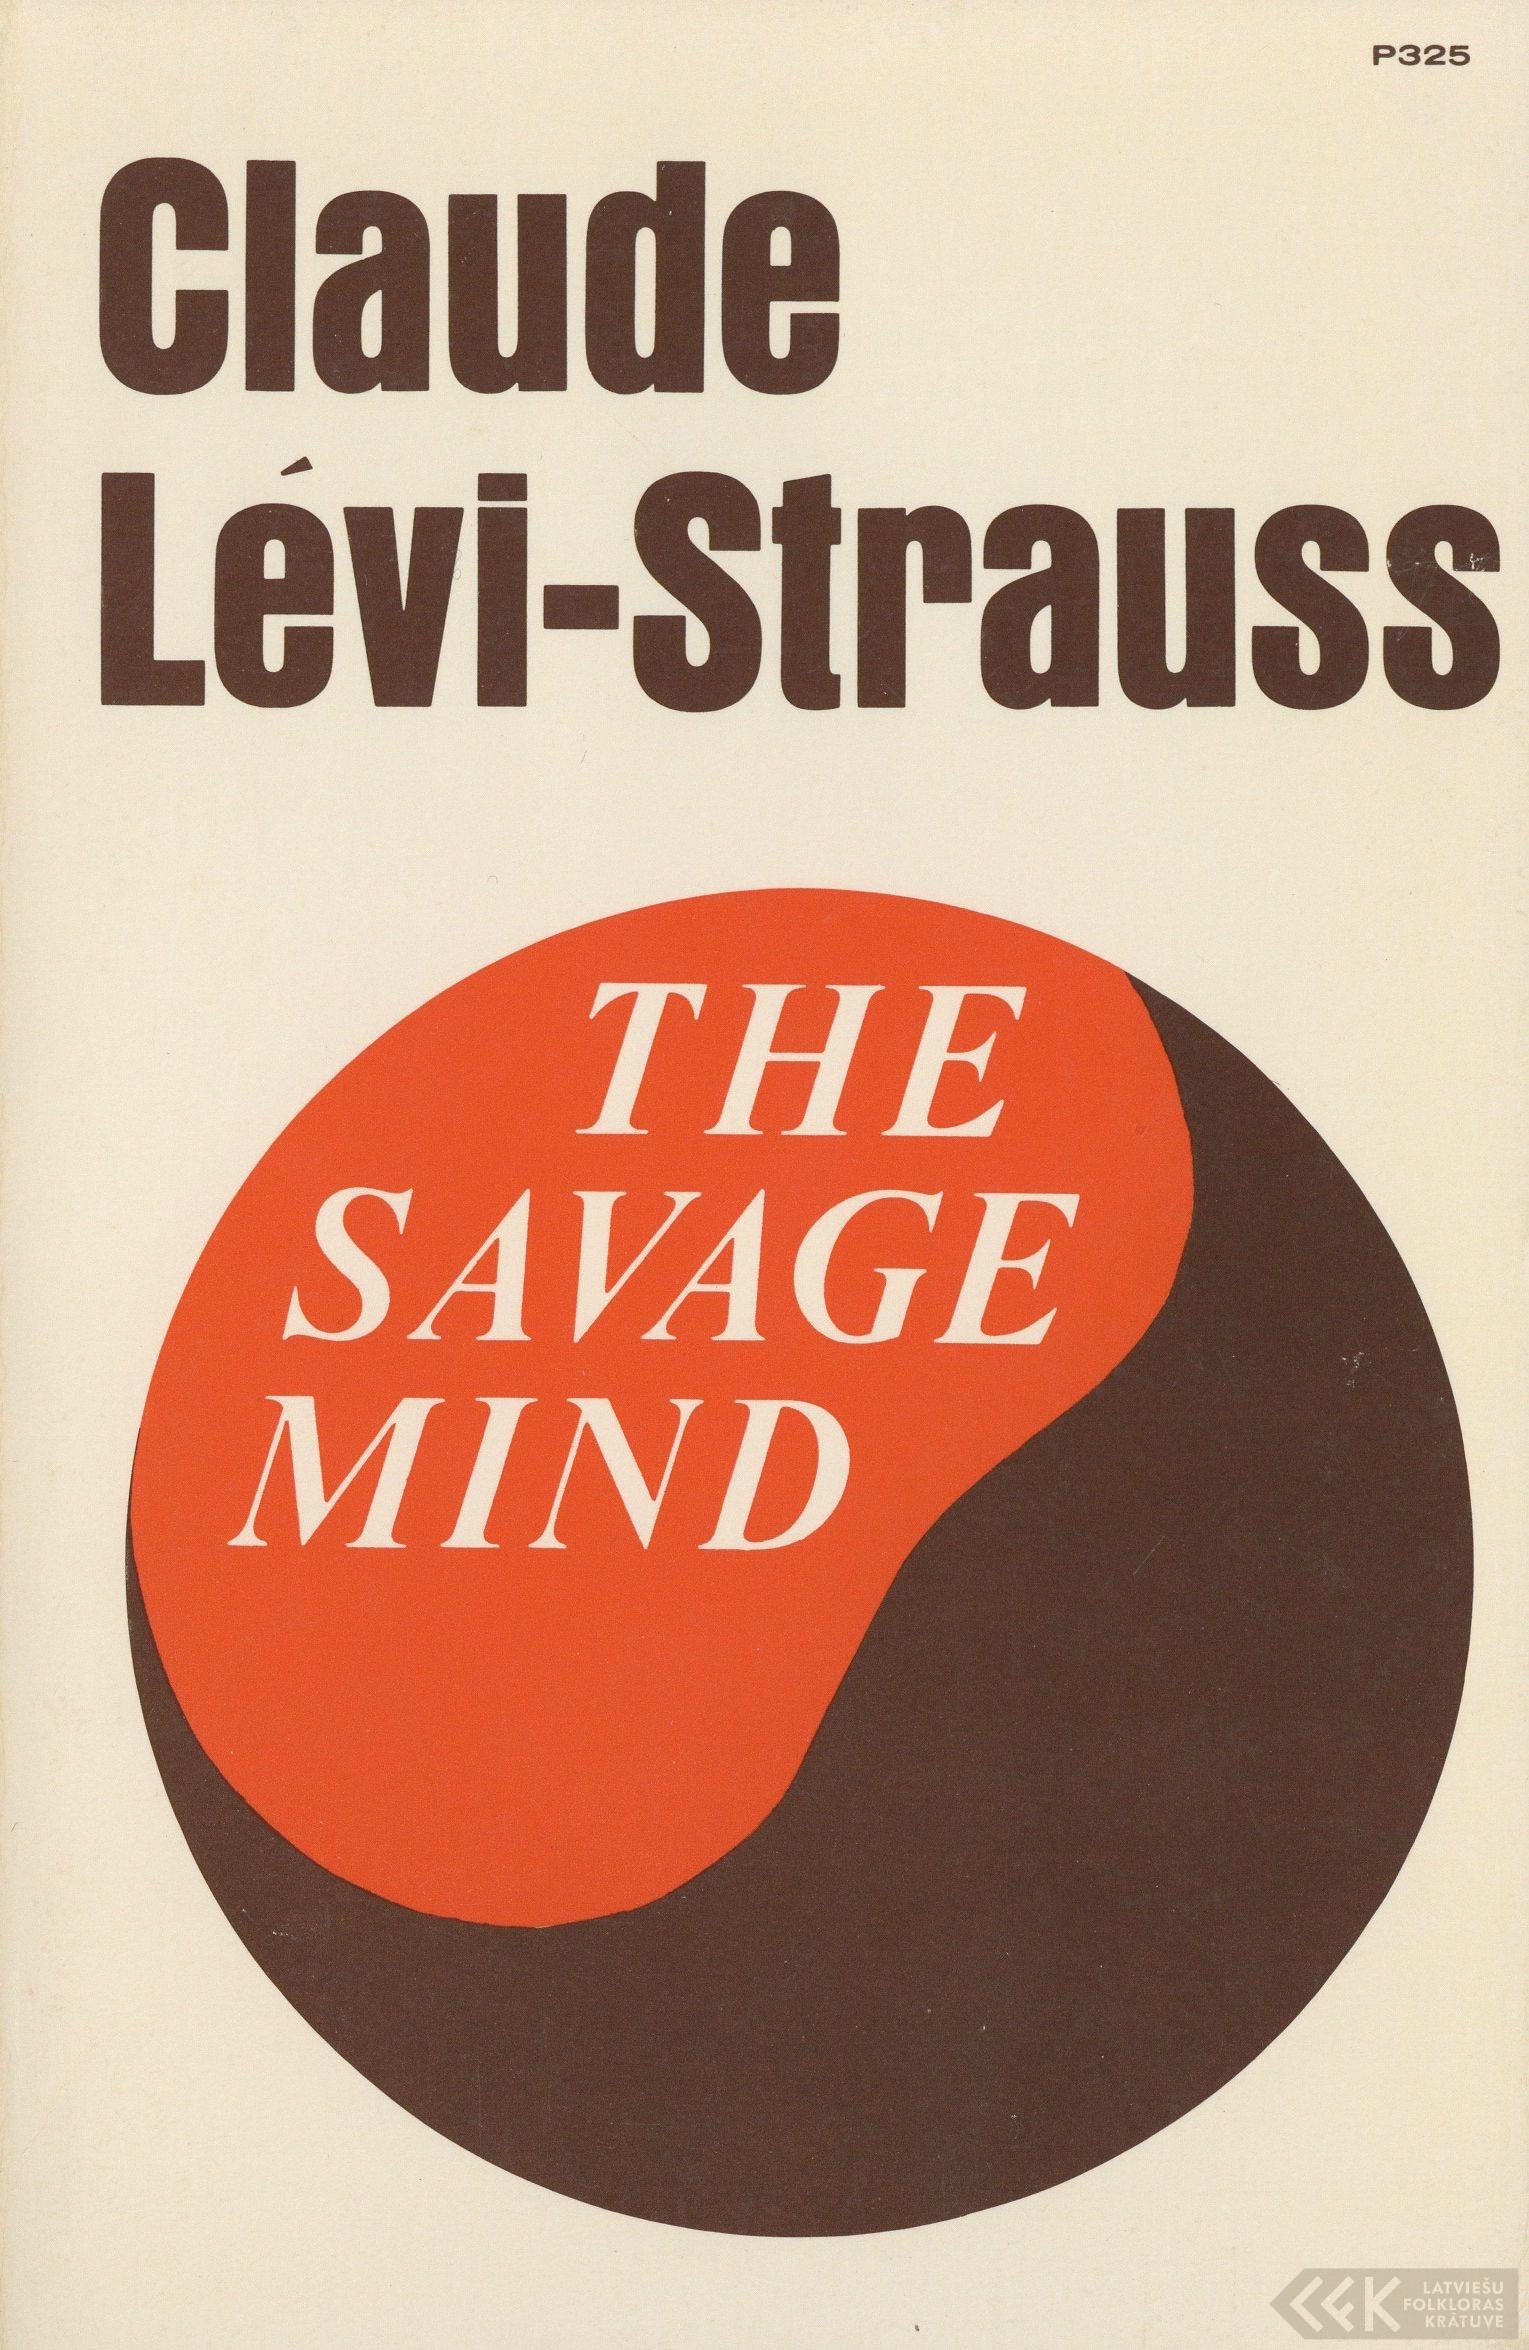 992688-0v01-The-Savage-Mind